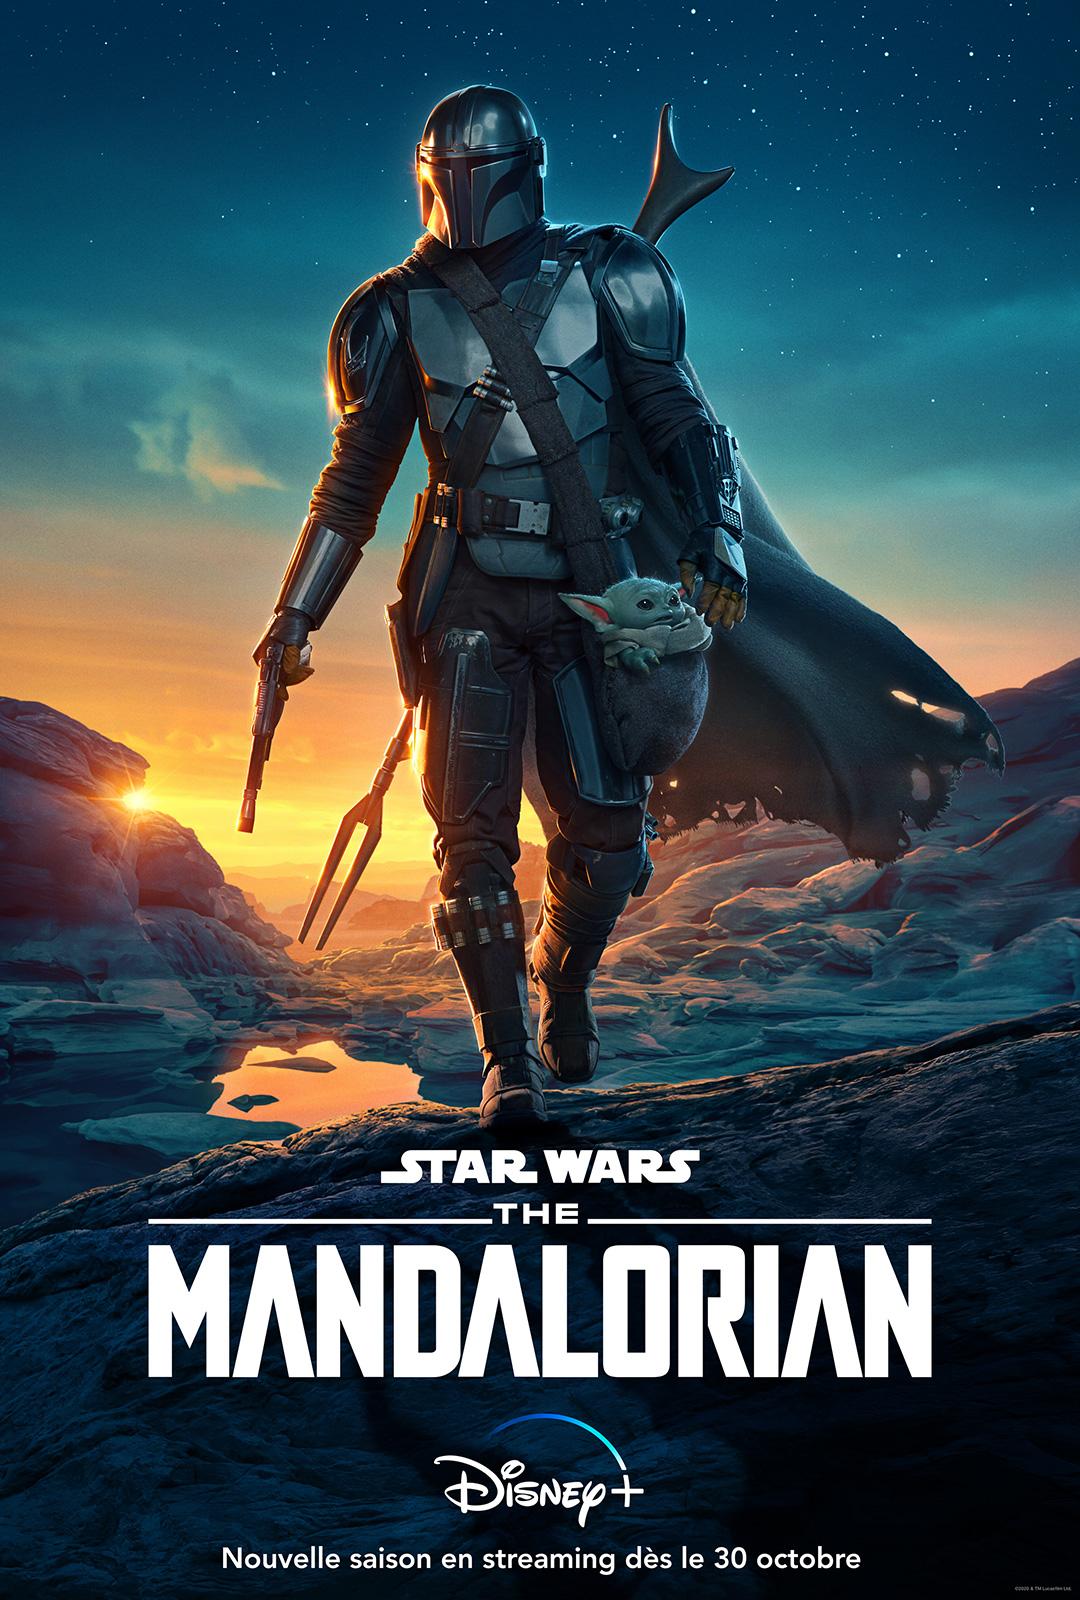 The Mandalorian Episode 1 Vostfr : mandalorian, episode, vostfr, Mandalorian, Saison, AlloCiné